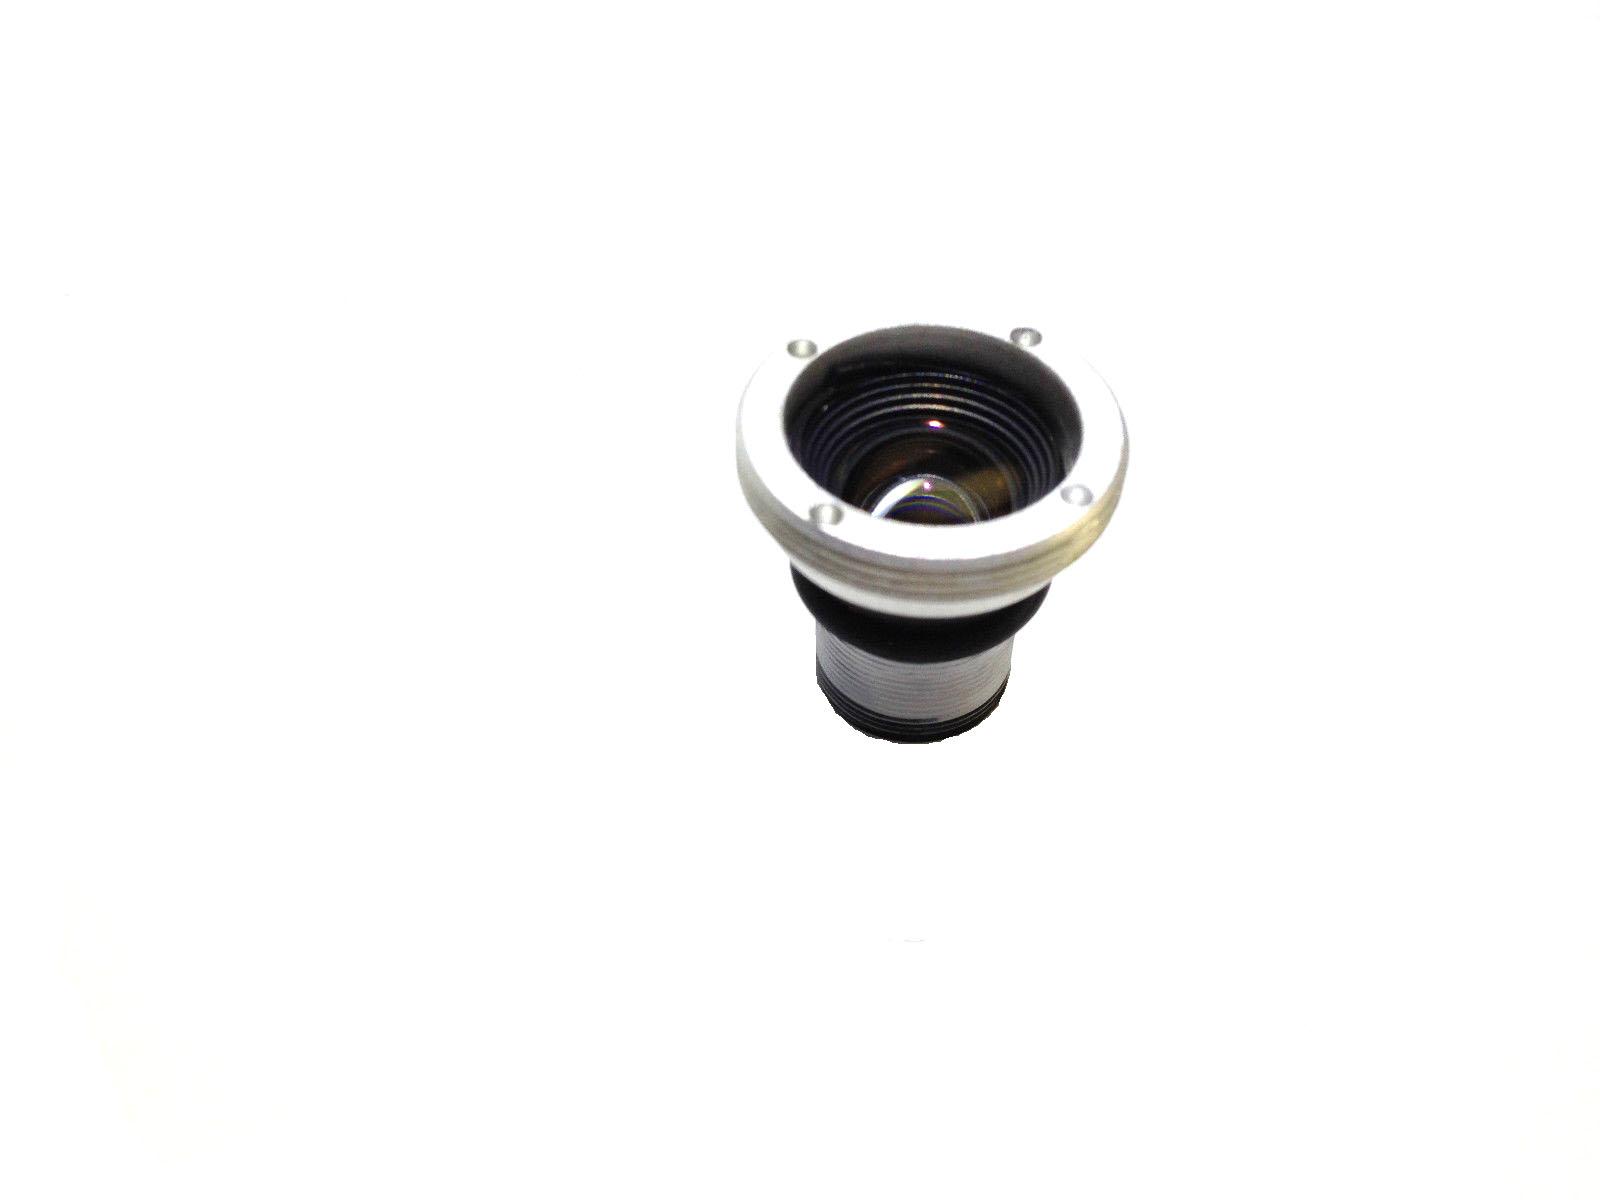 Lens Gopro hd 6mm hd Flat Lens Fpv 5mp Glass